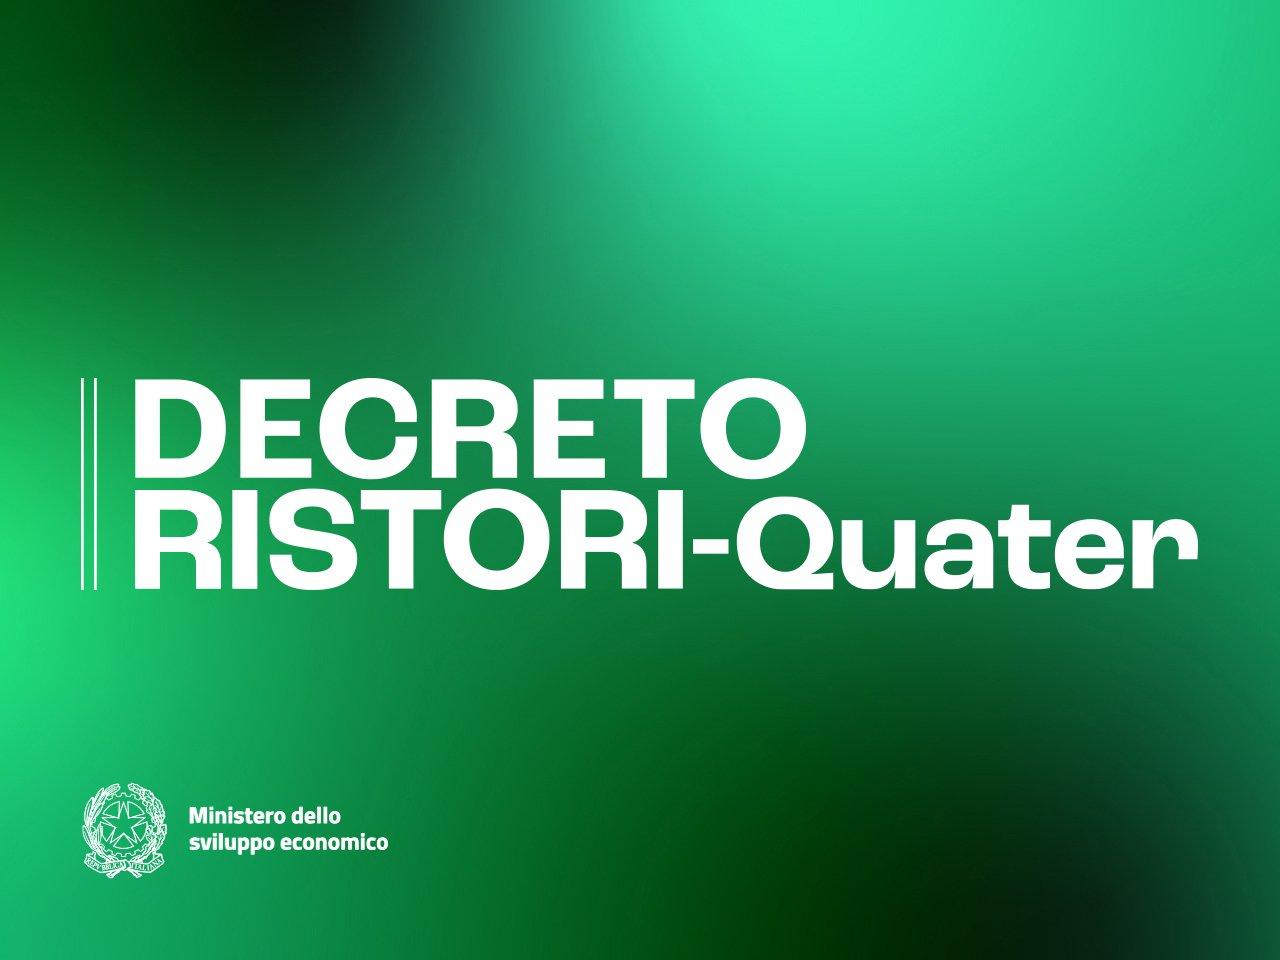 D.L. RISTORI QUATER: ECCO LE NOVITA'